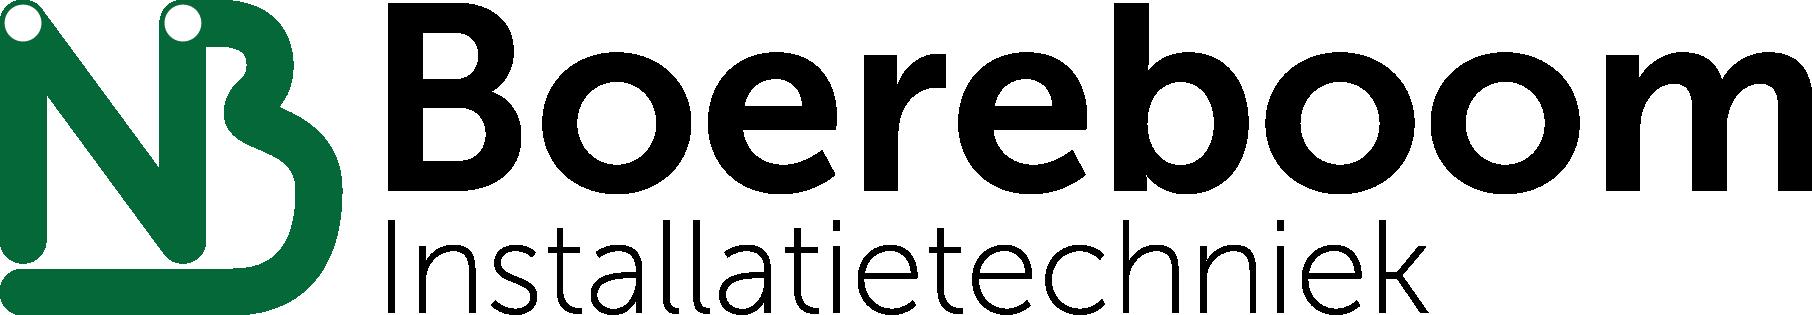 Boereboom Installatietechniek